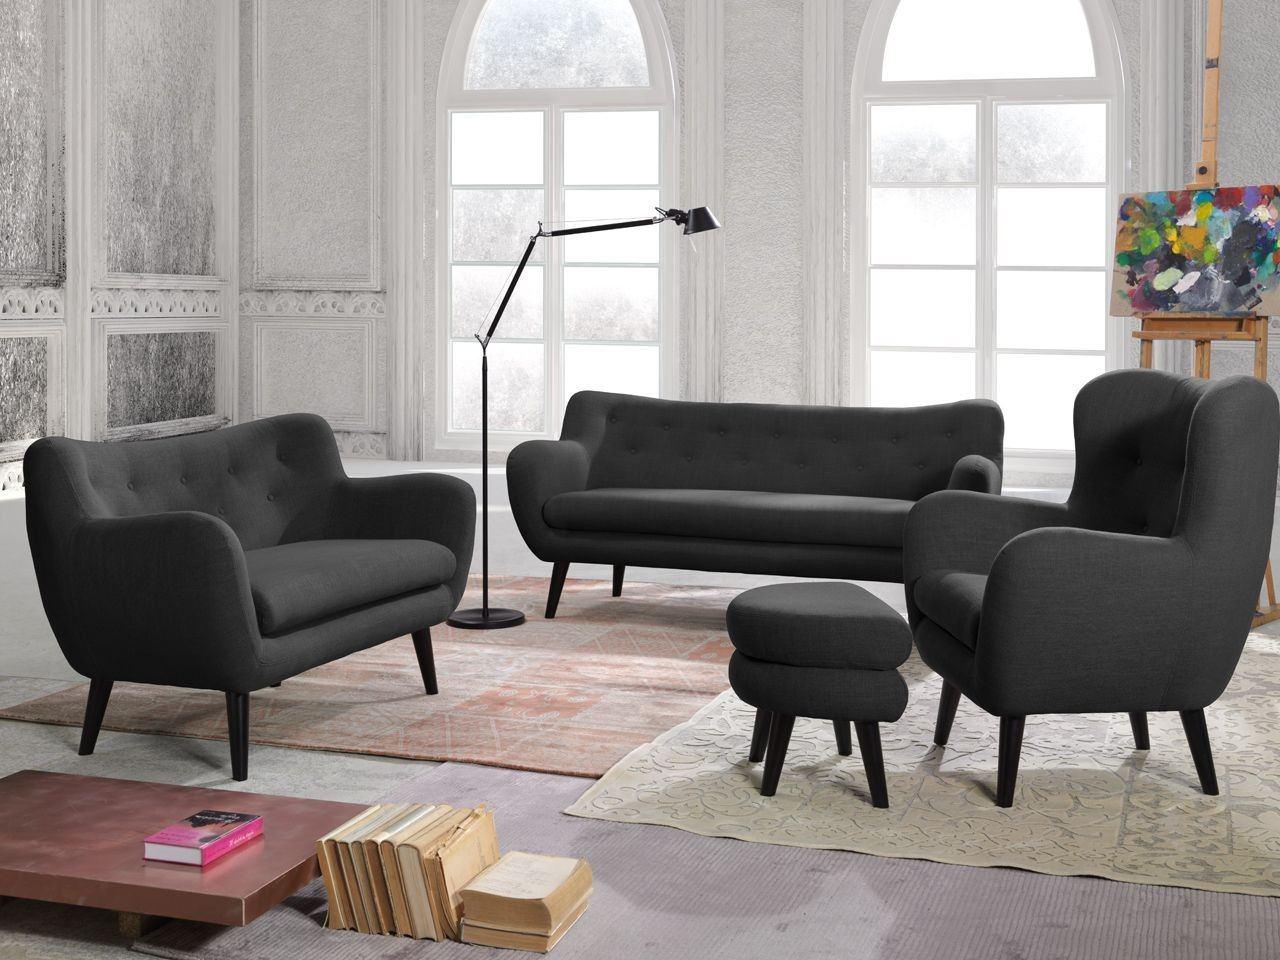 sofagarnitur k ln mit 3er 2er und sessel. Black Bedroom Furniture Sets. Home Design Ideas